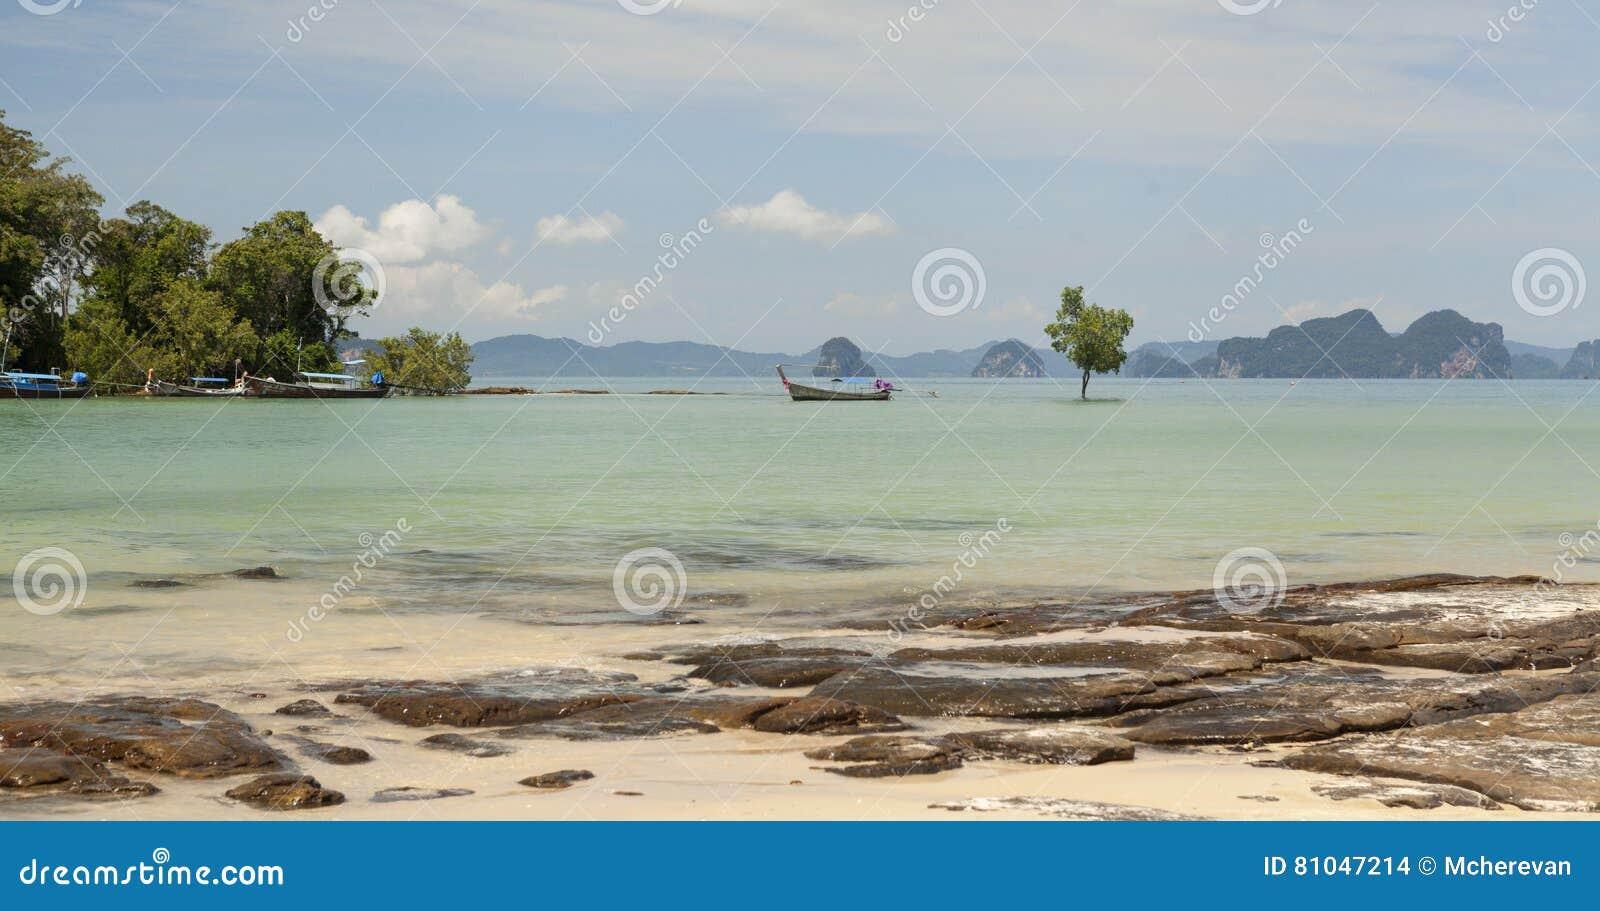 Playa hermosa con opiniones del mar y un barco de pesca tailandés tradicional Playa hermosa con los árboles tropicales con una ol